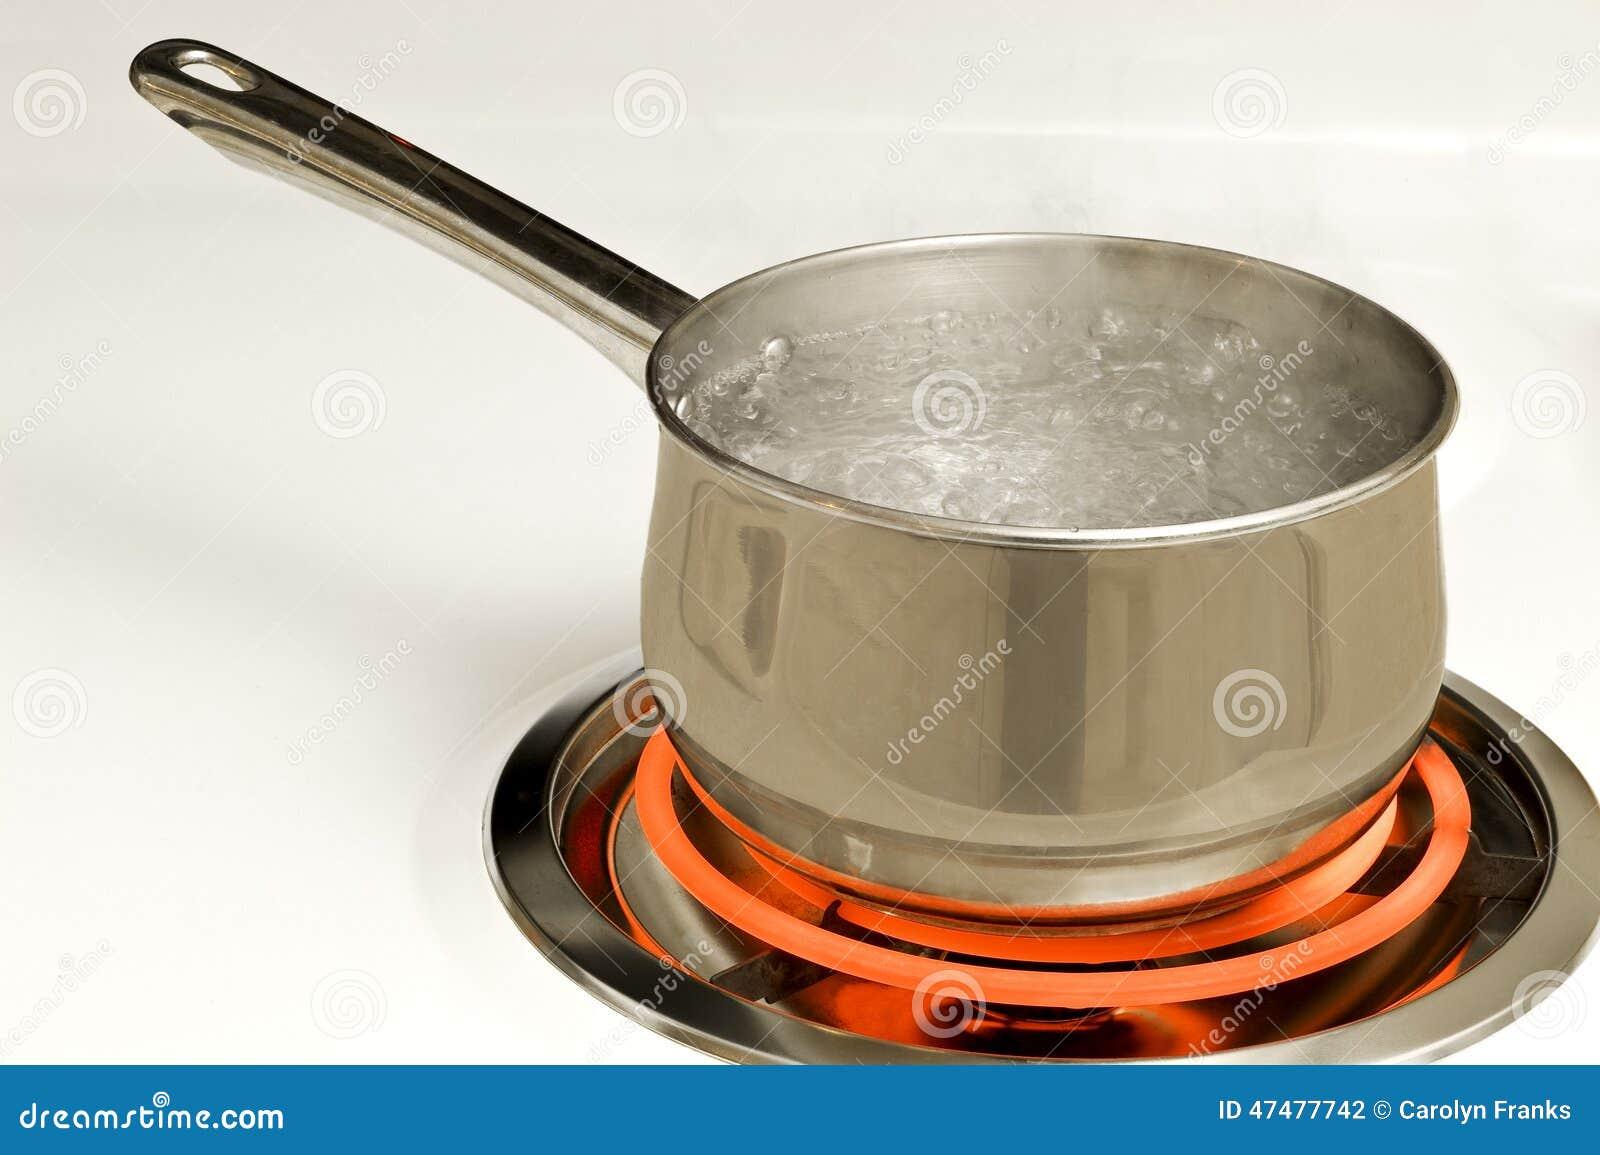 Topf kochendes wasser auf hei em brenner stockfoto bild 47477742 - Warmflasche kochendes wasser ...